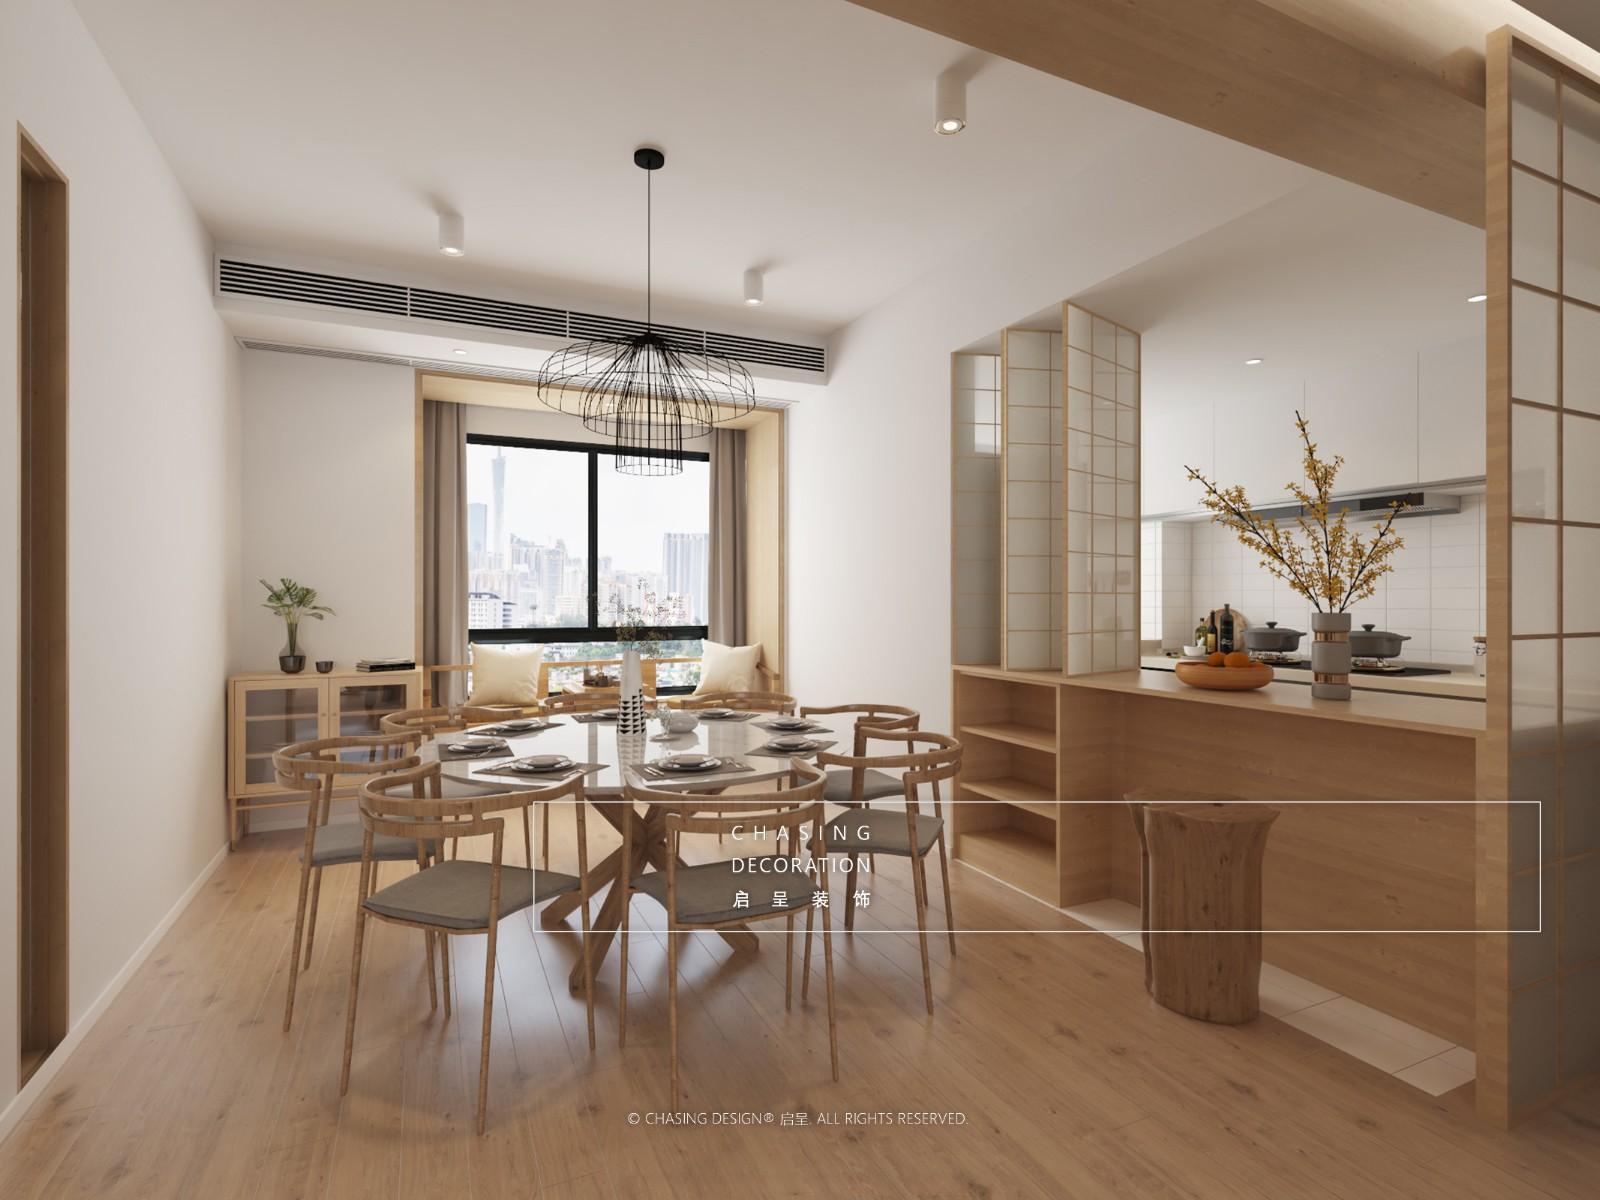 可逸阳光花园厨房日式餐厅设计图片赏析